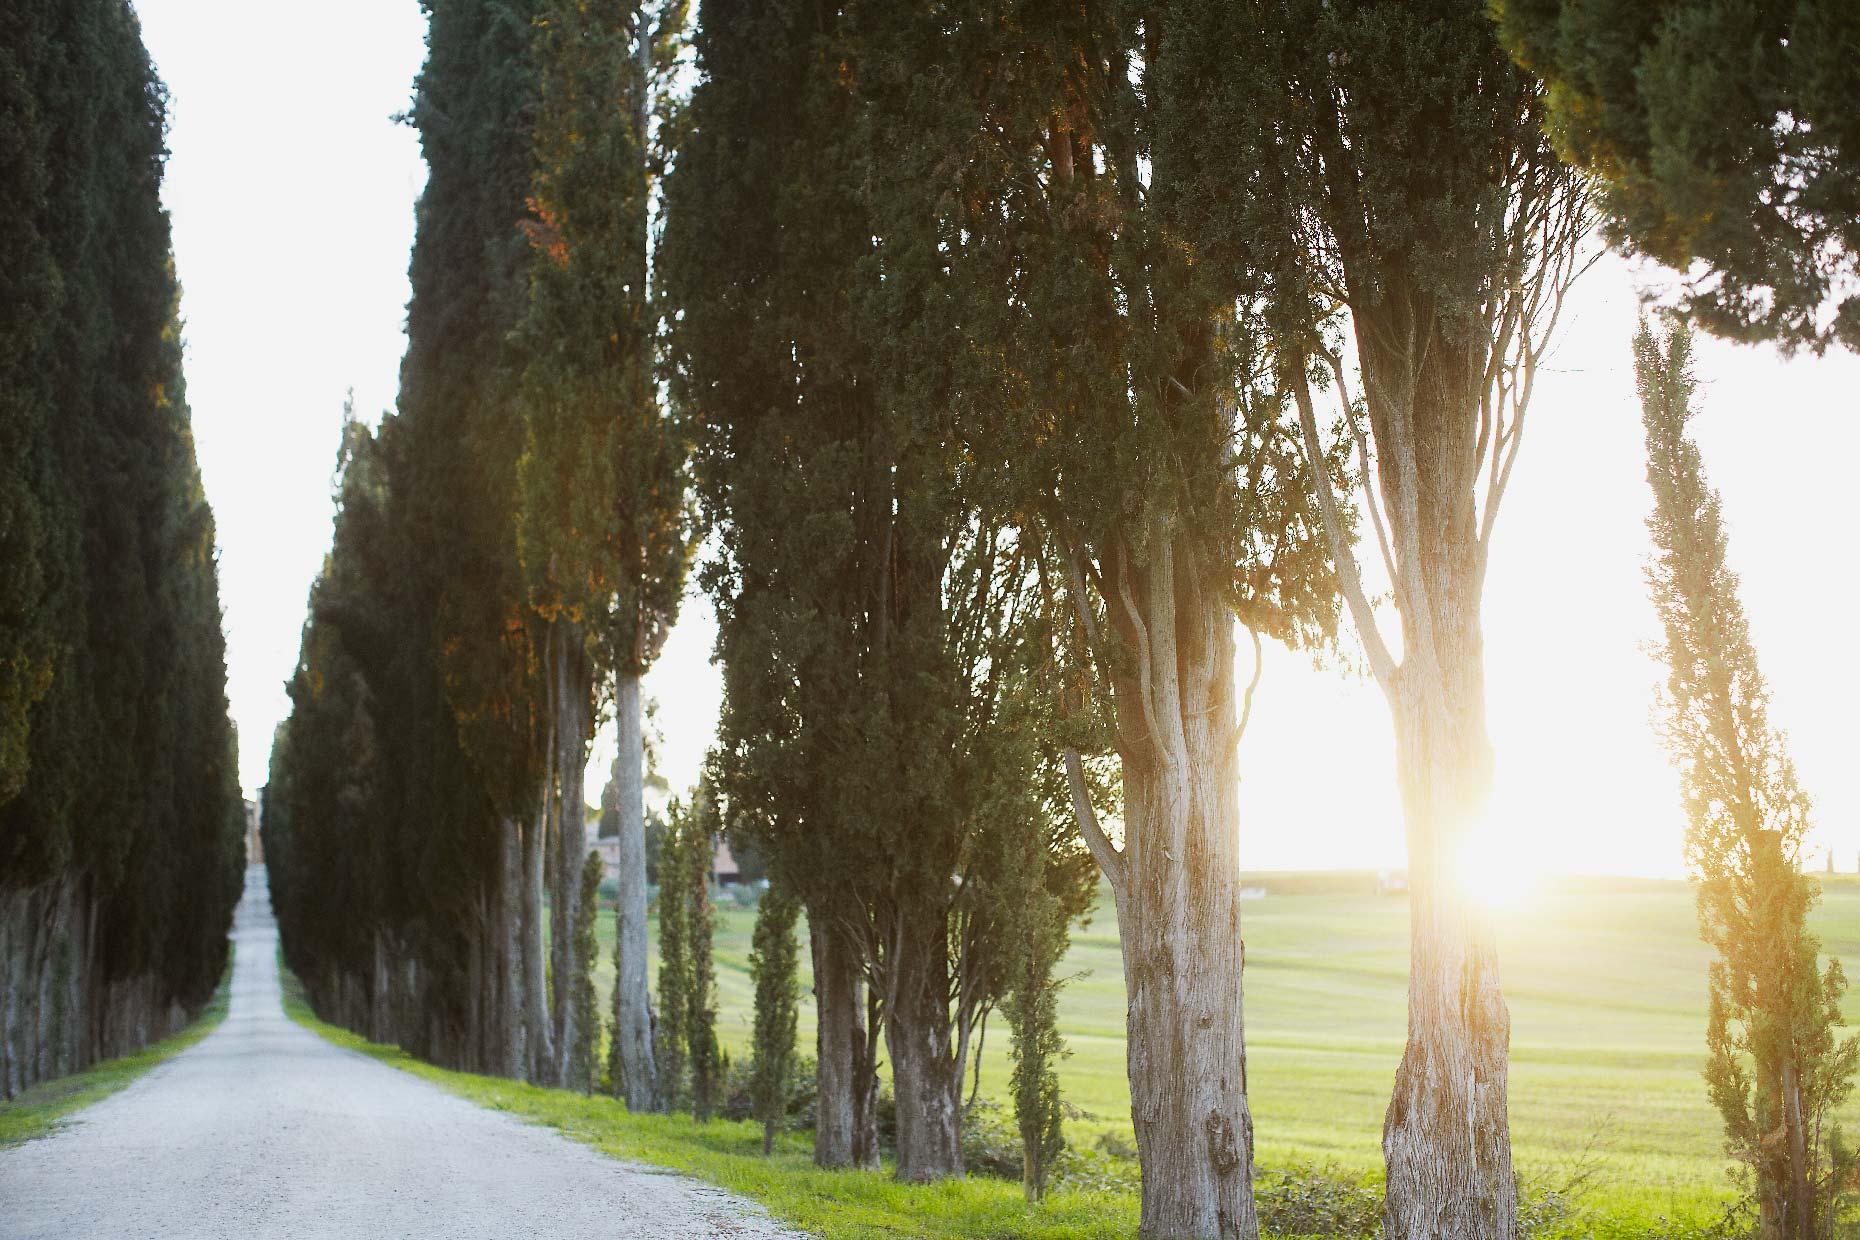 0048_0021_M_2012_Italia_190F_CM_WEB.jpg